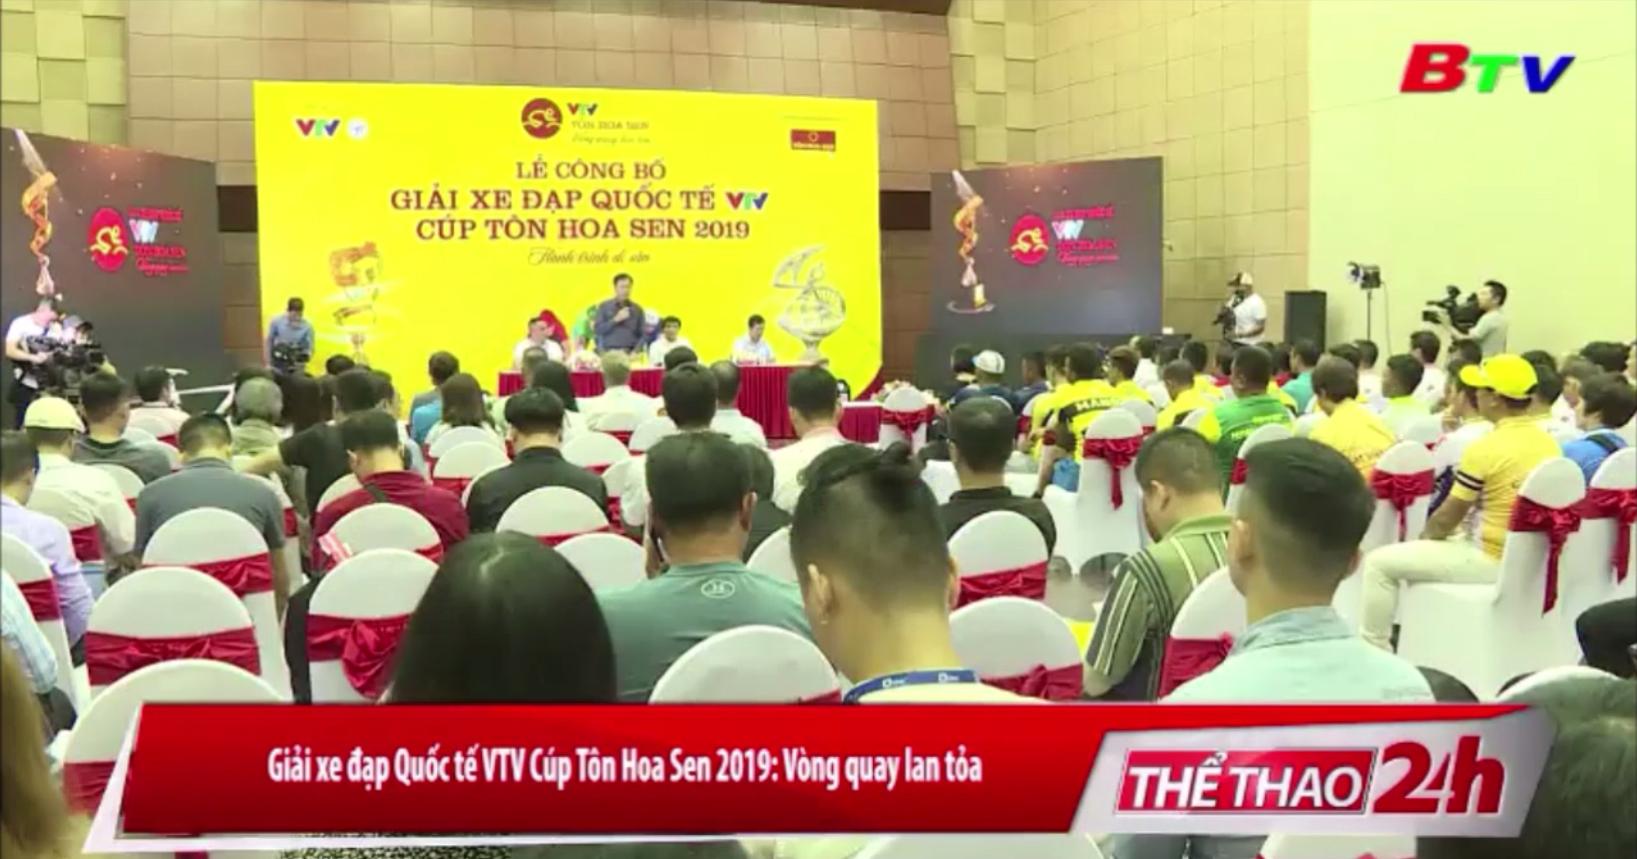 Giải xe đạp Quốc tế VTV Cúp Tôn Hoa Sen 2019 - Vòng quay lan tỏa